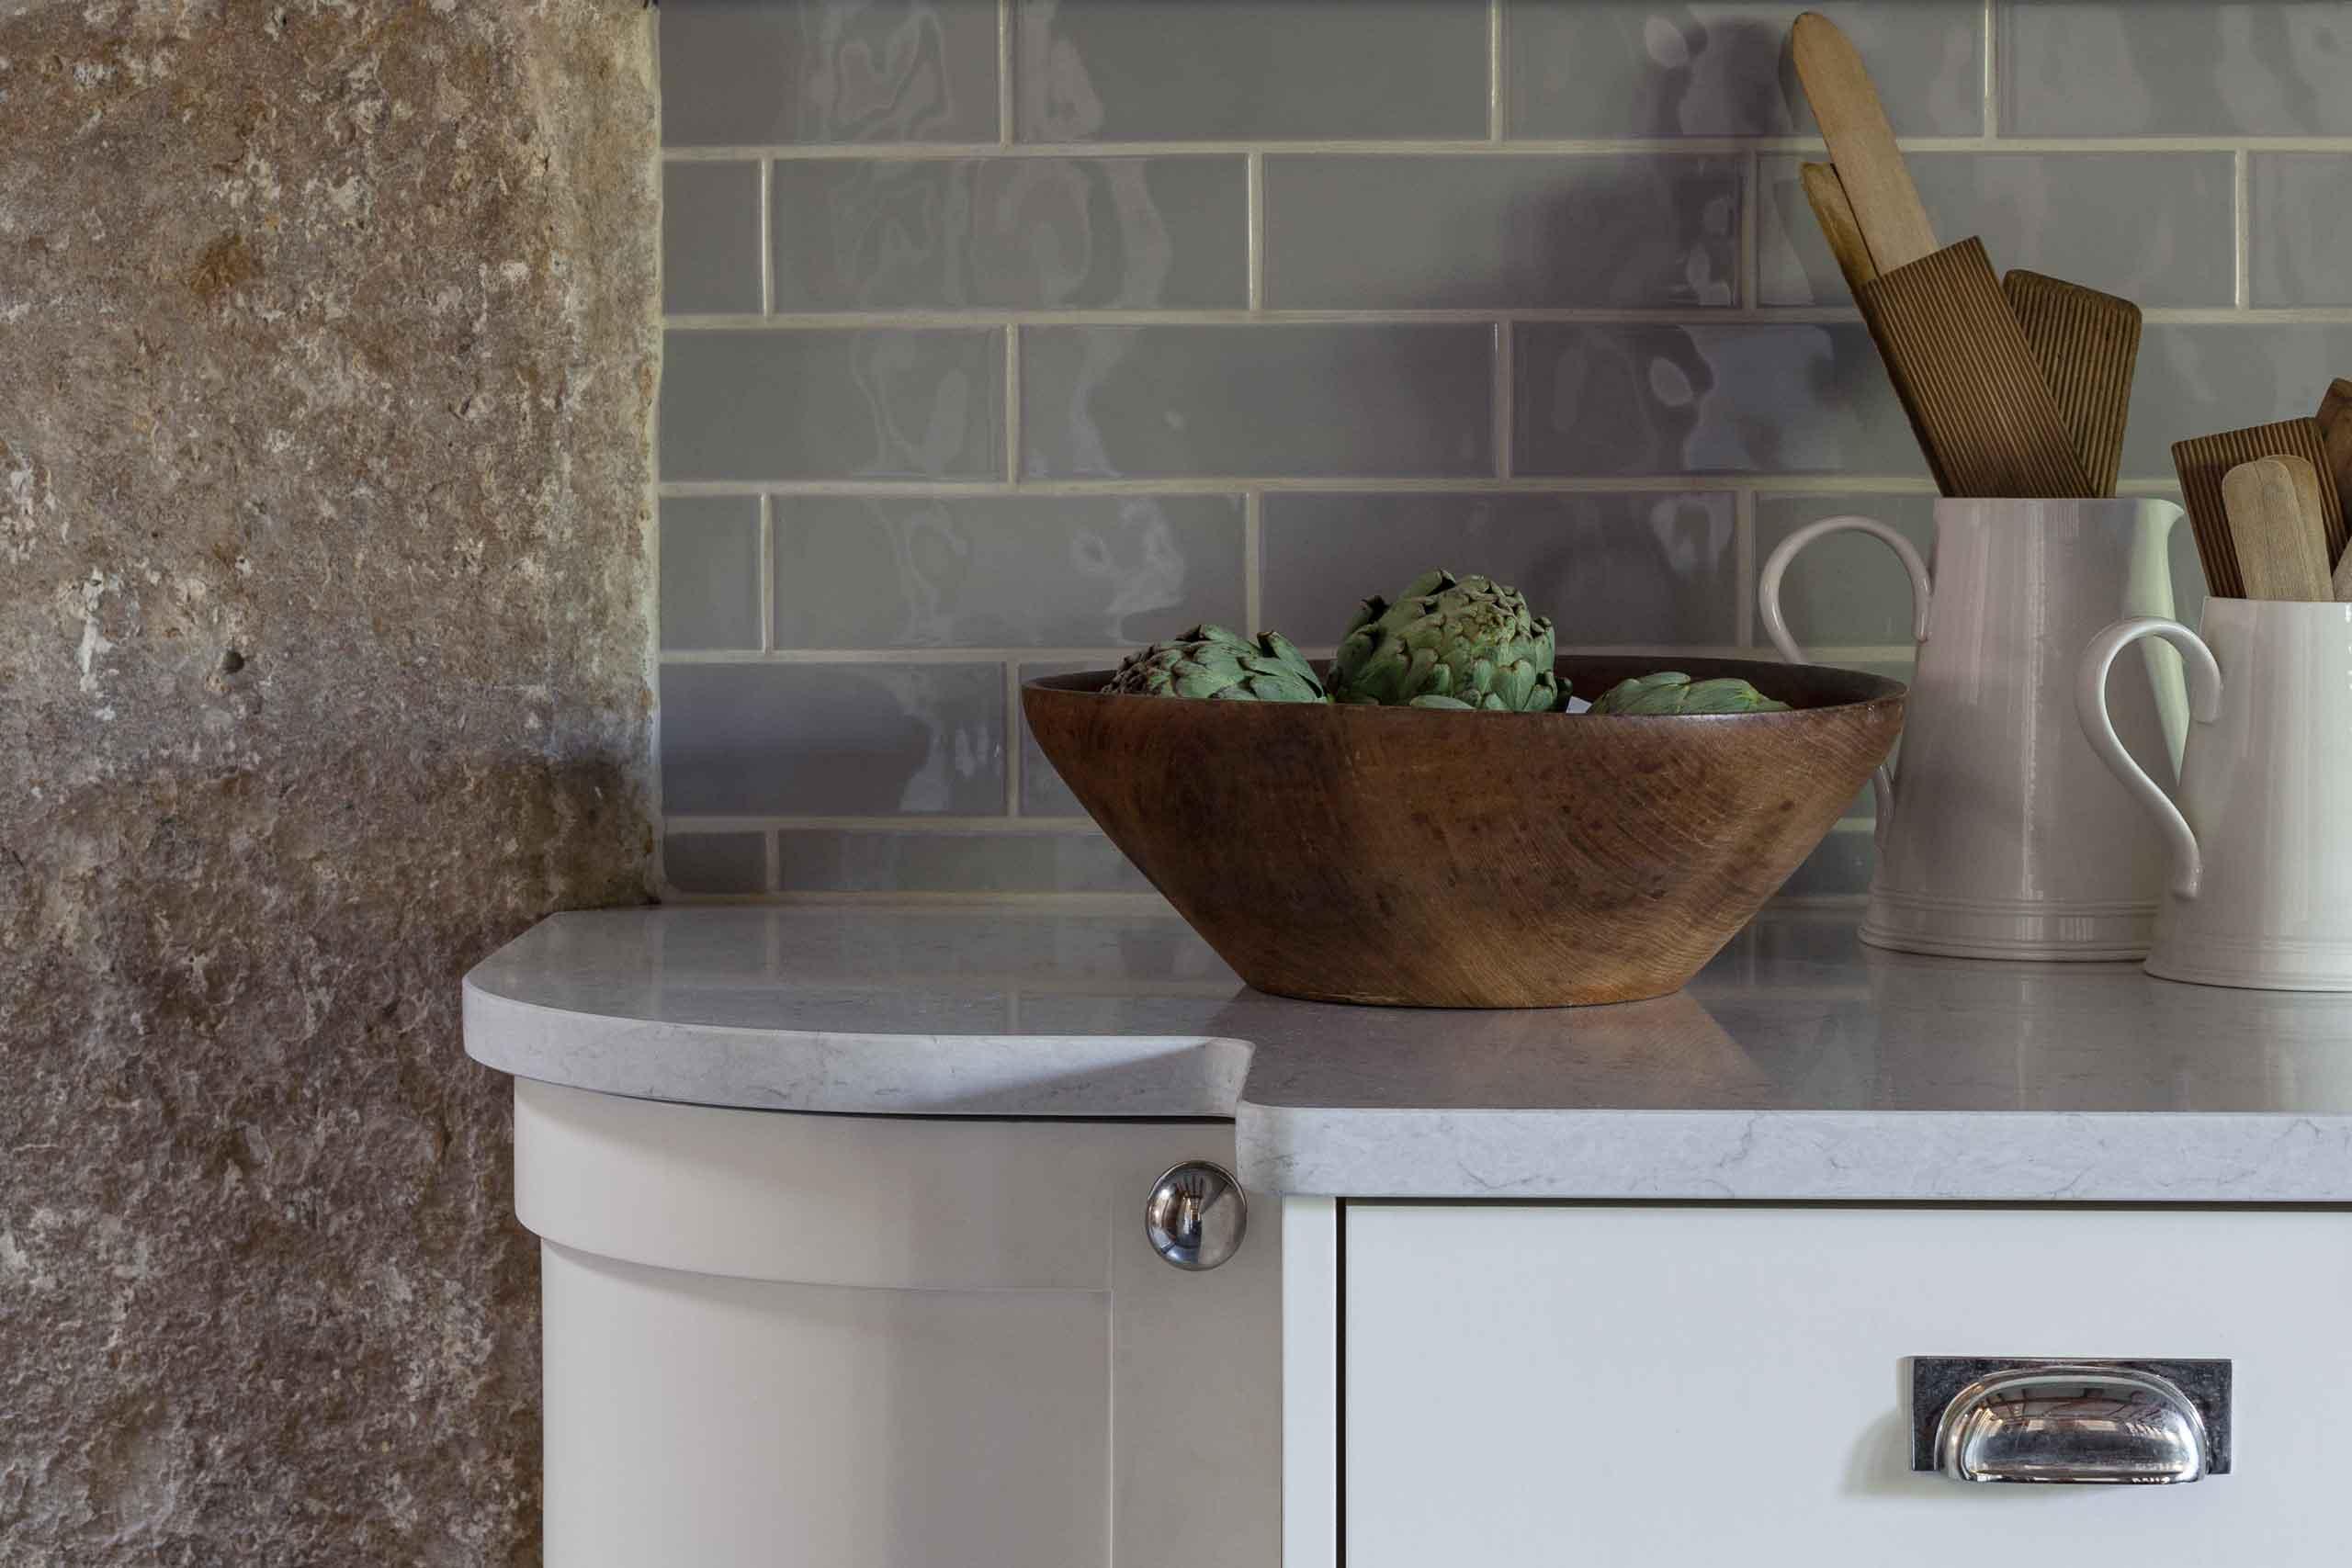 Luxury simple worktop